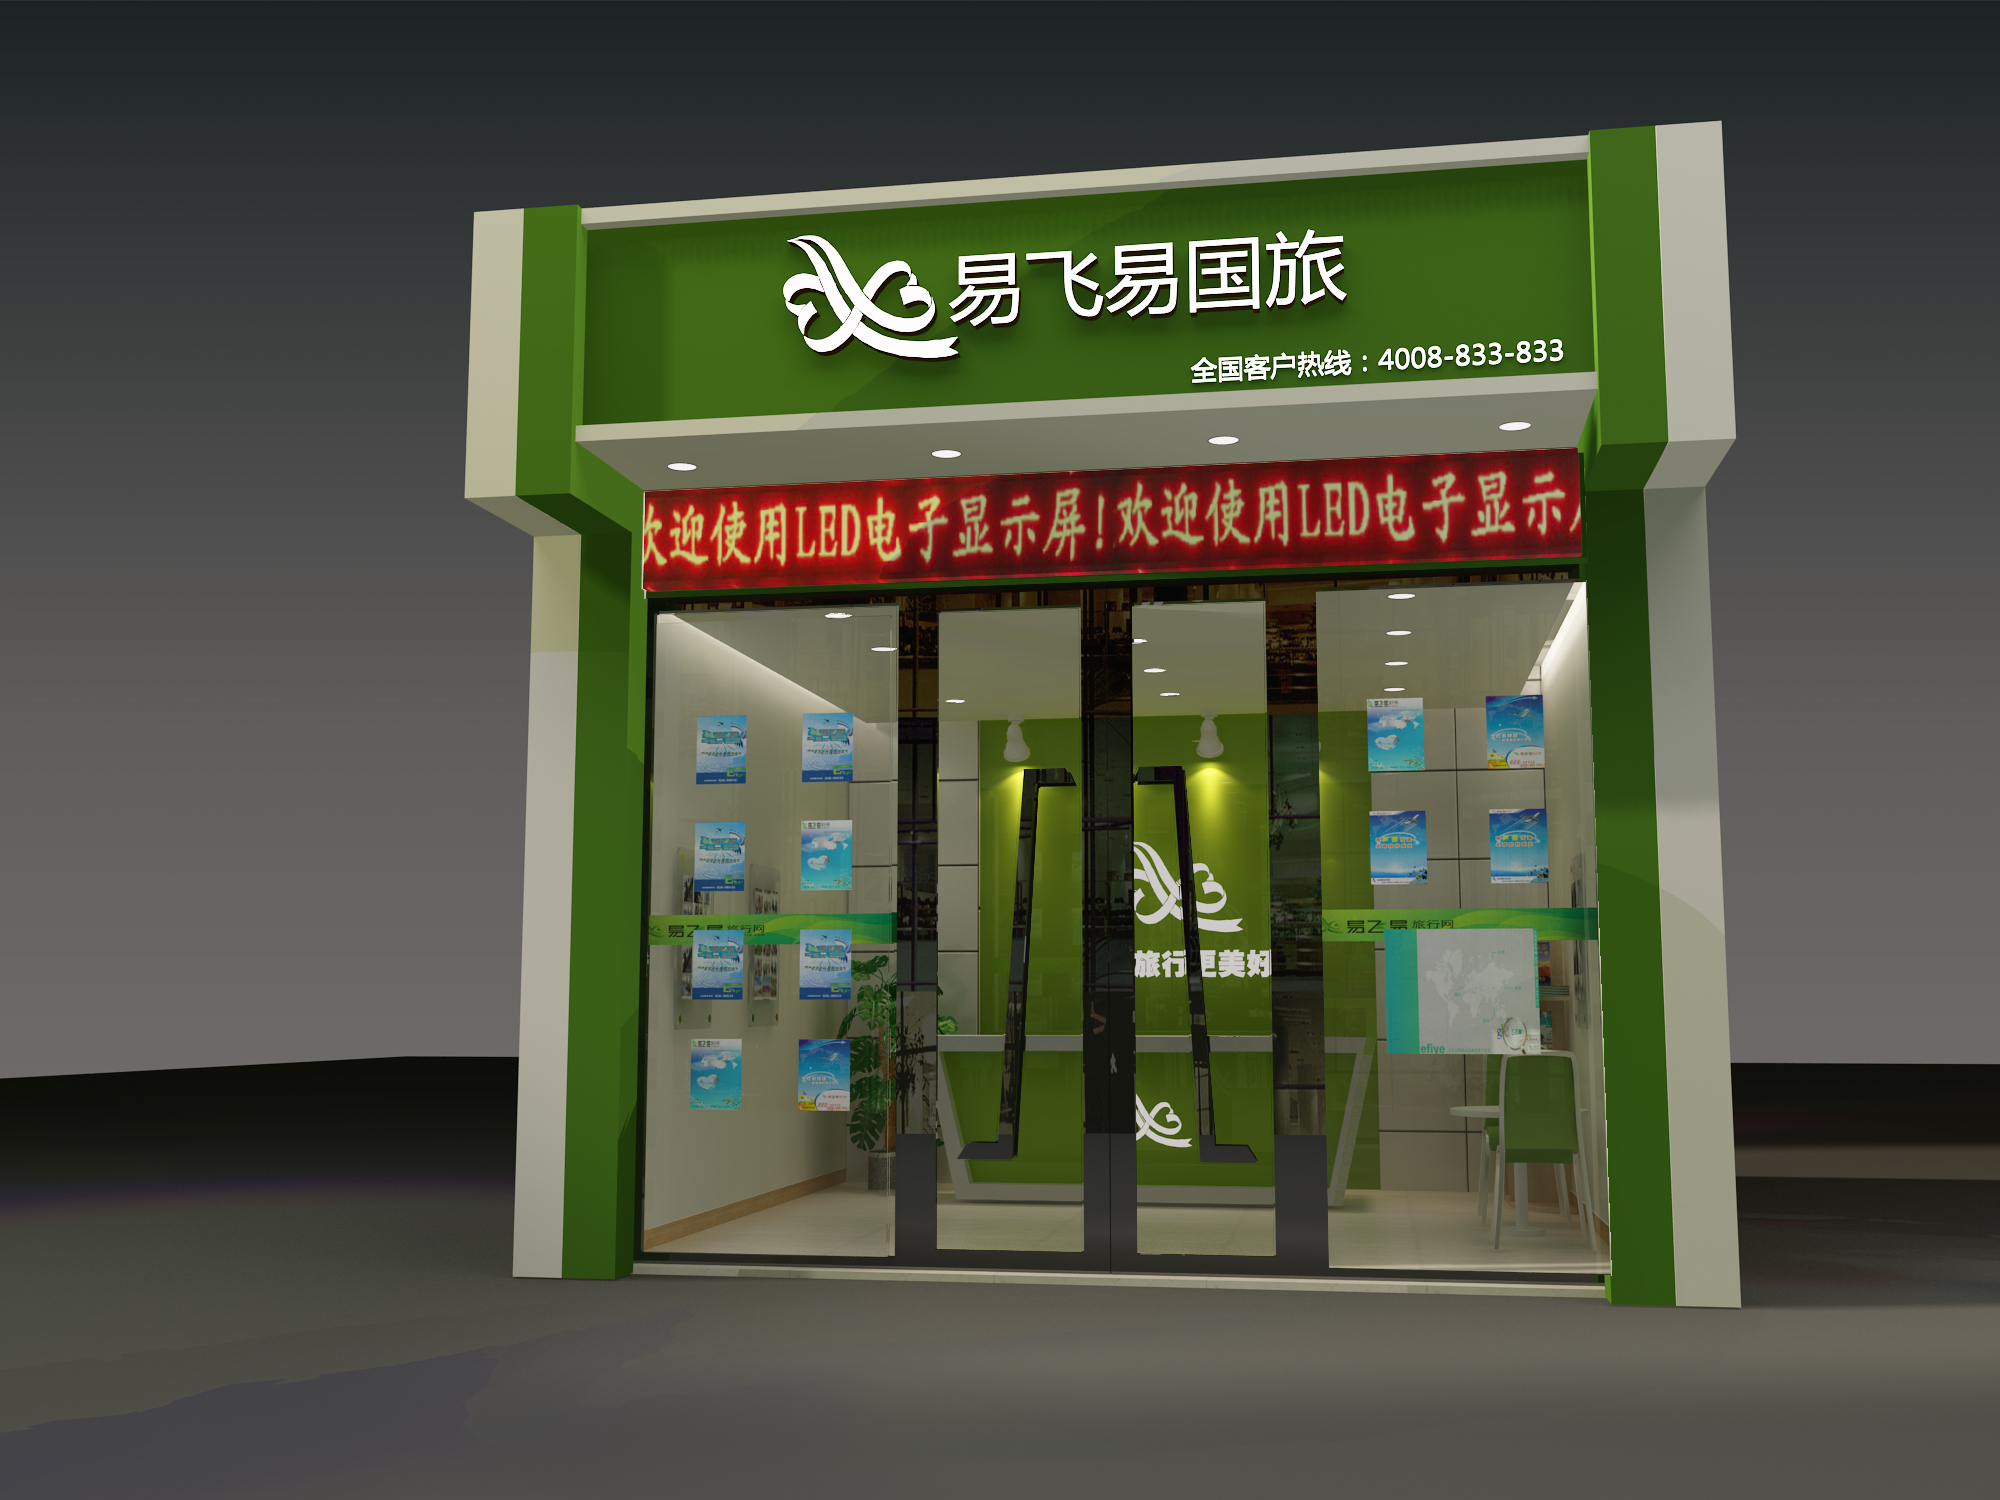 四川易飞易国际旅行社有限公司加盟